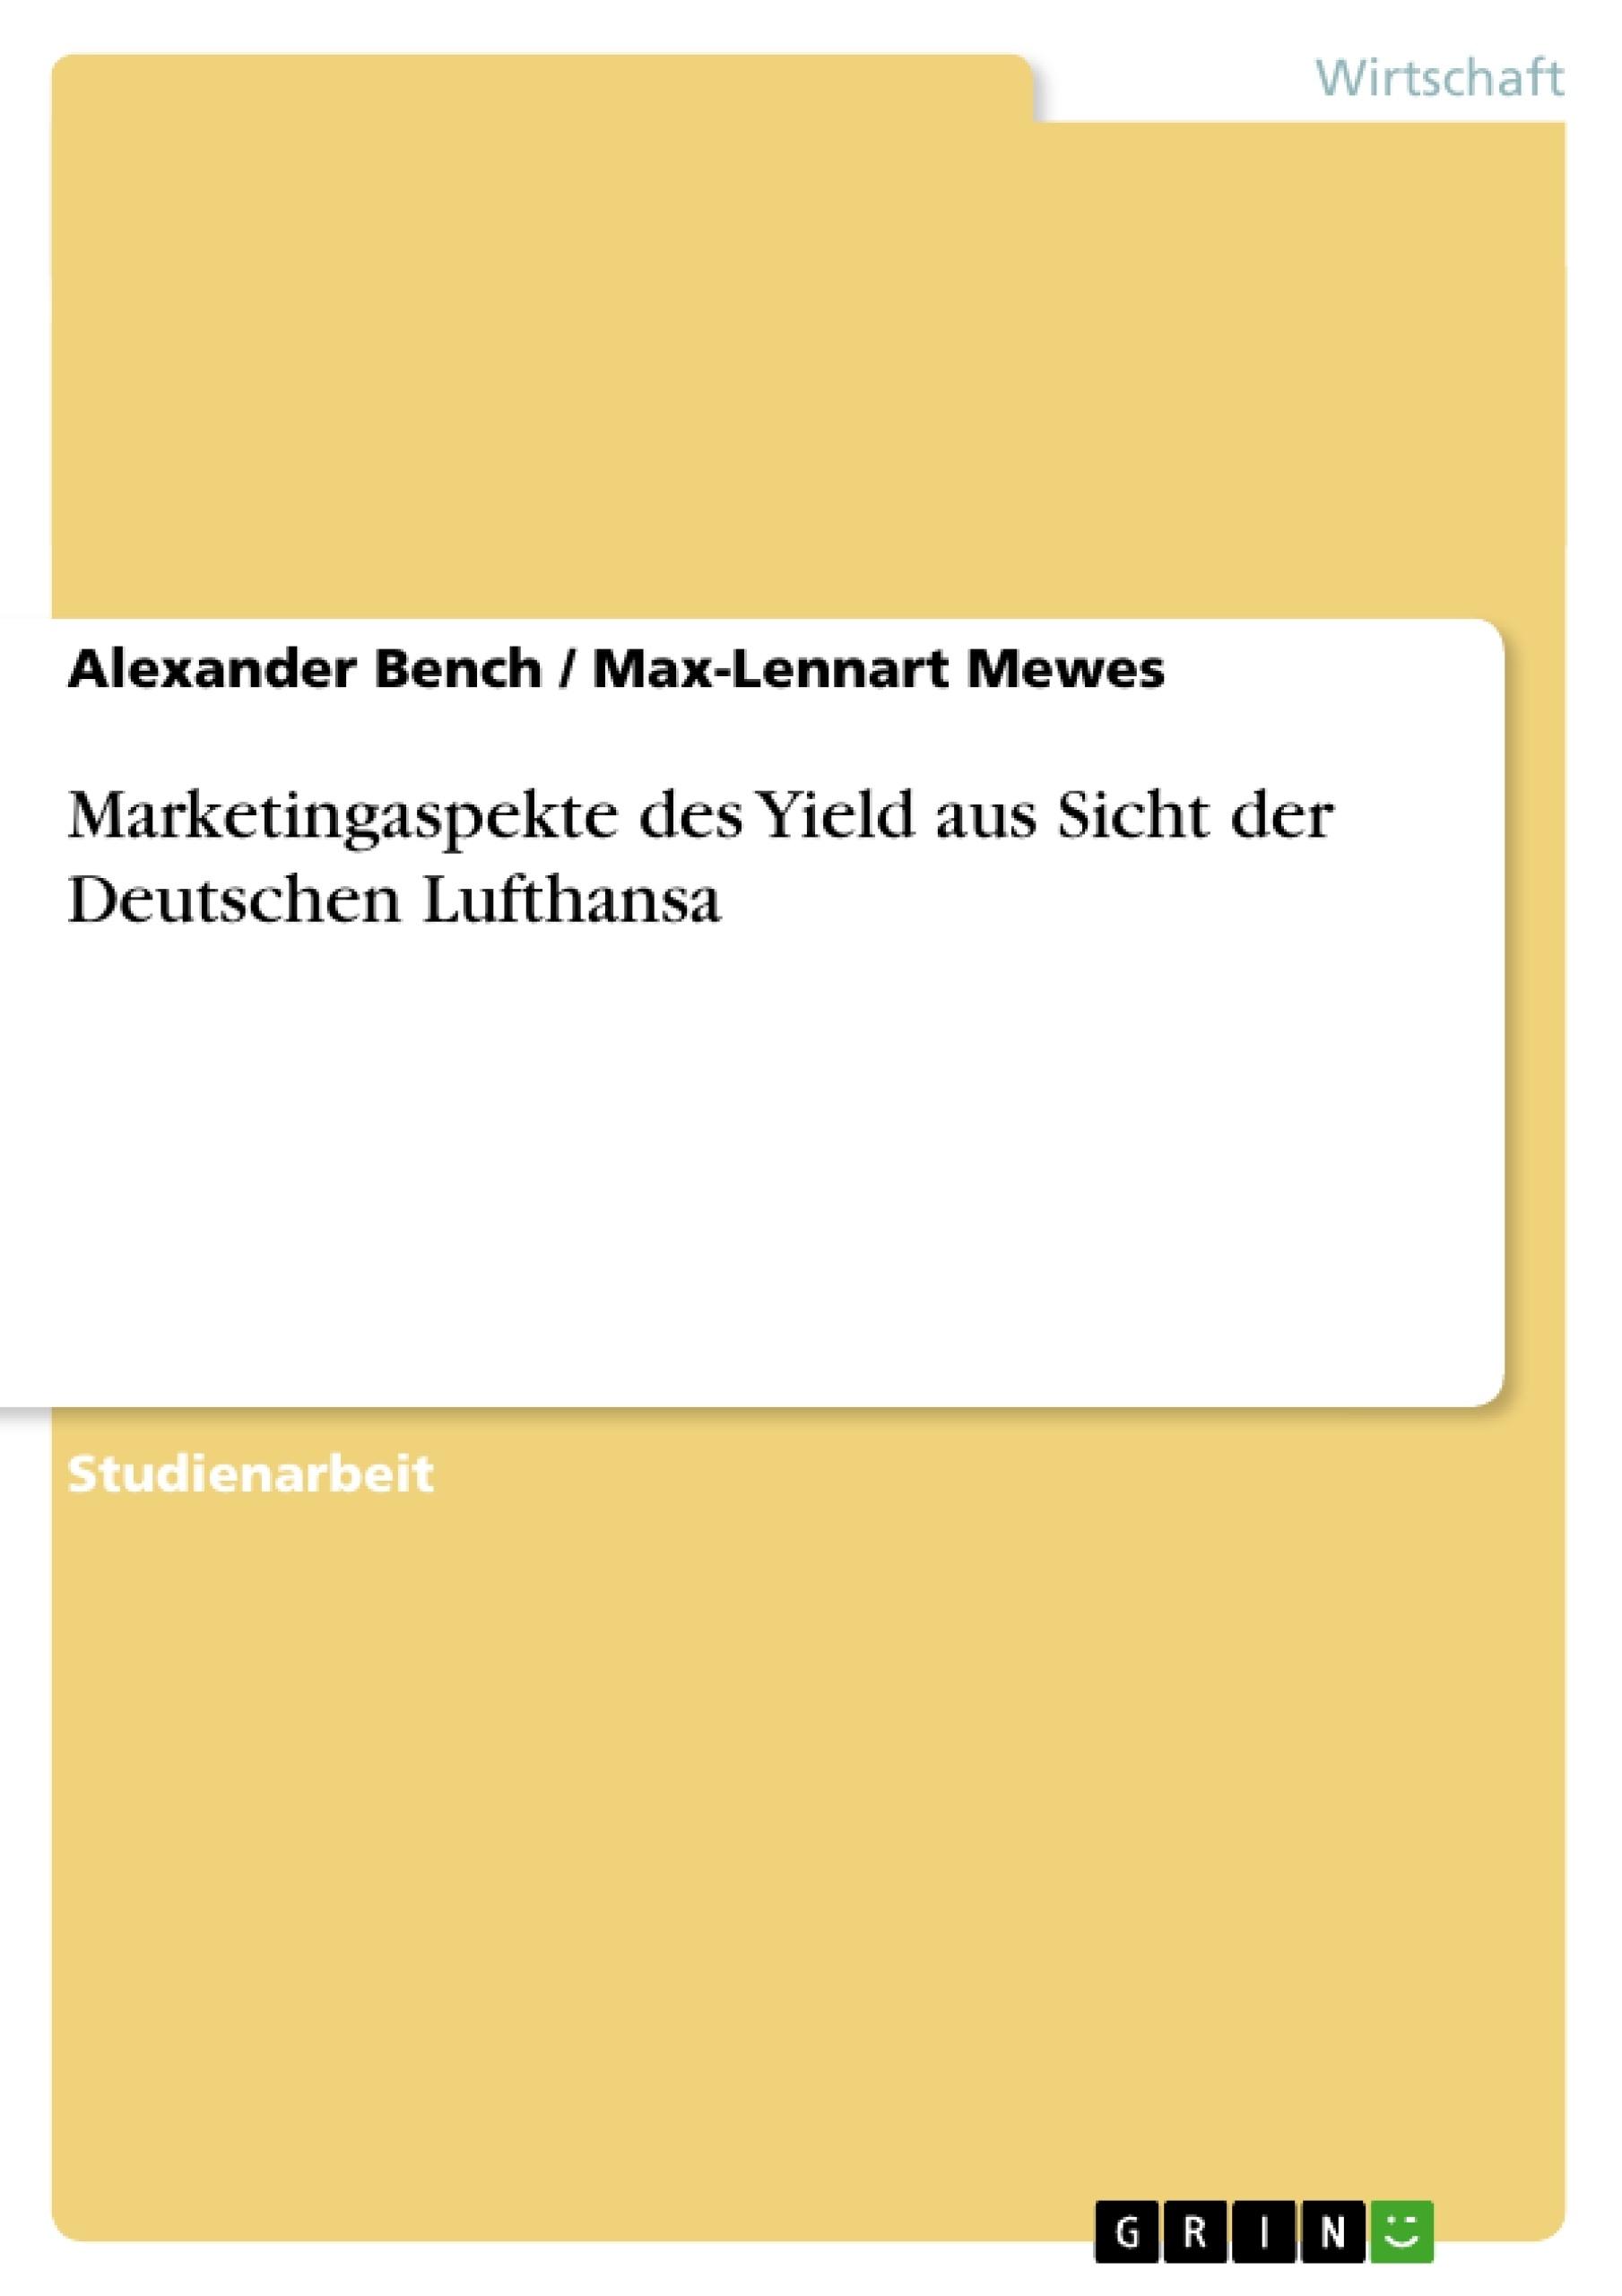 Titel: Marketingaspekte des Yield aus Sicht der Deutschen Lufthansa